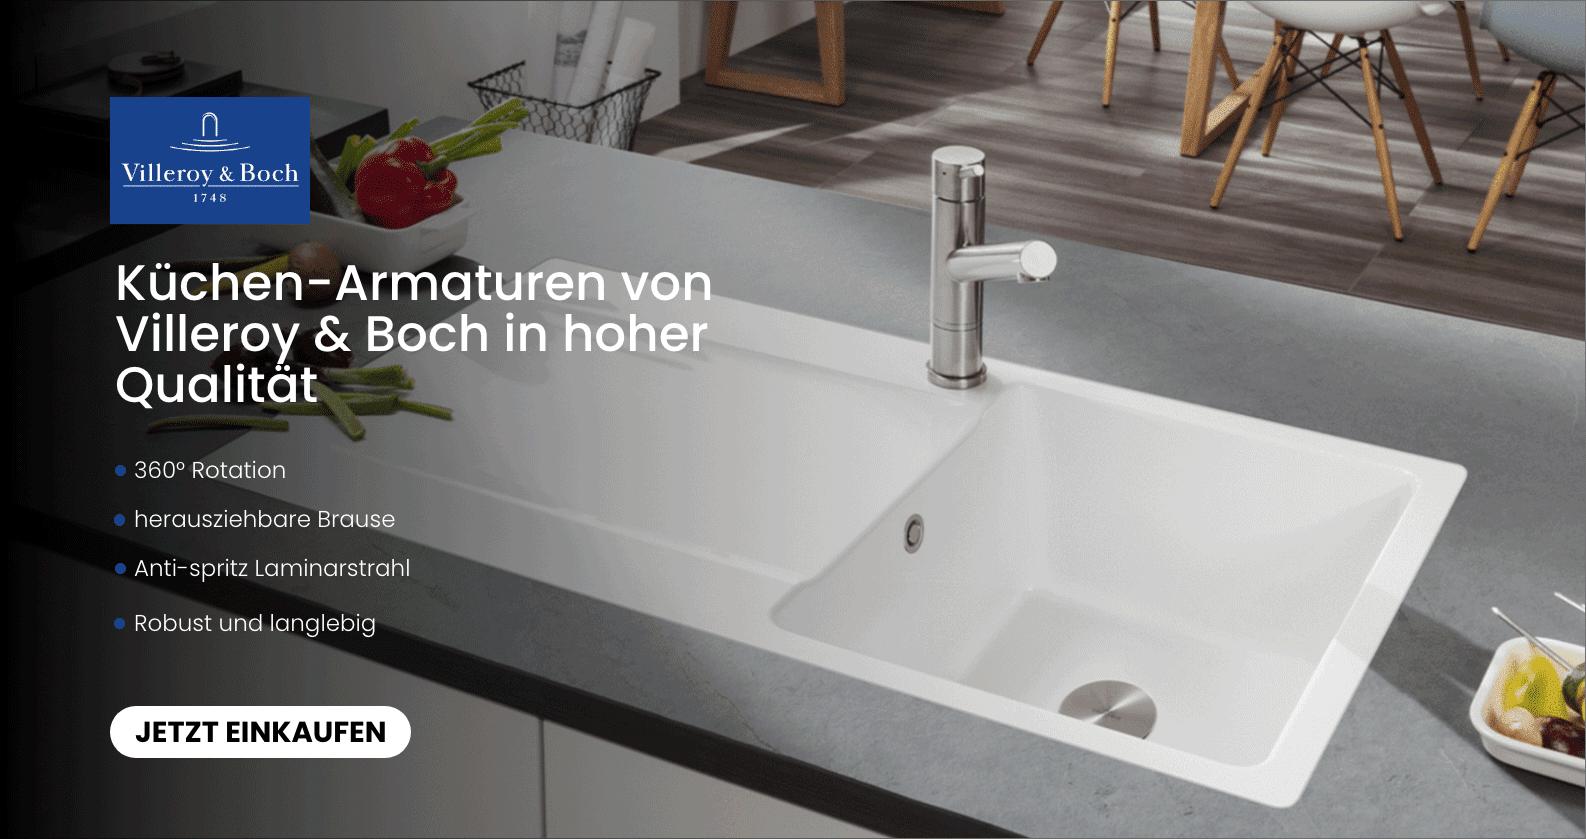 Küchenarmaturen von Villeroy & Boch bei xTWOstore entdecken